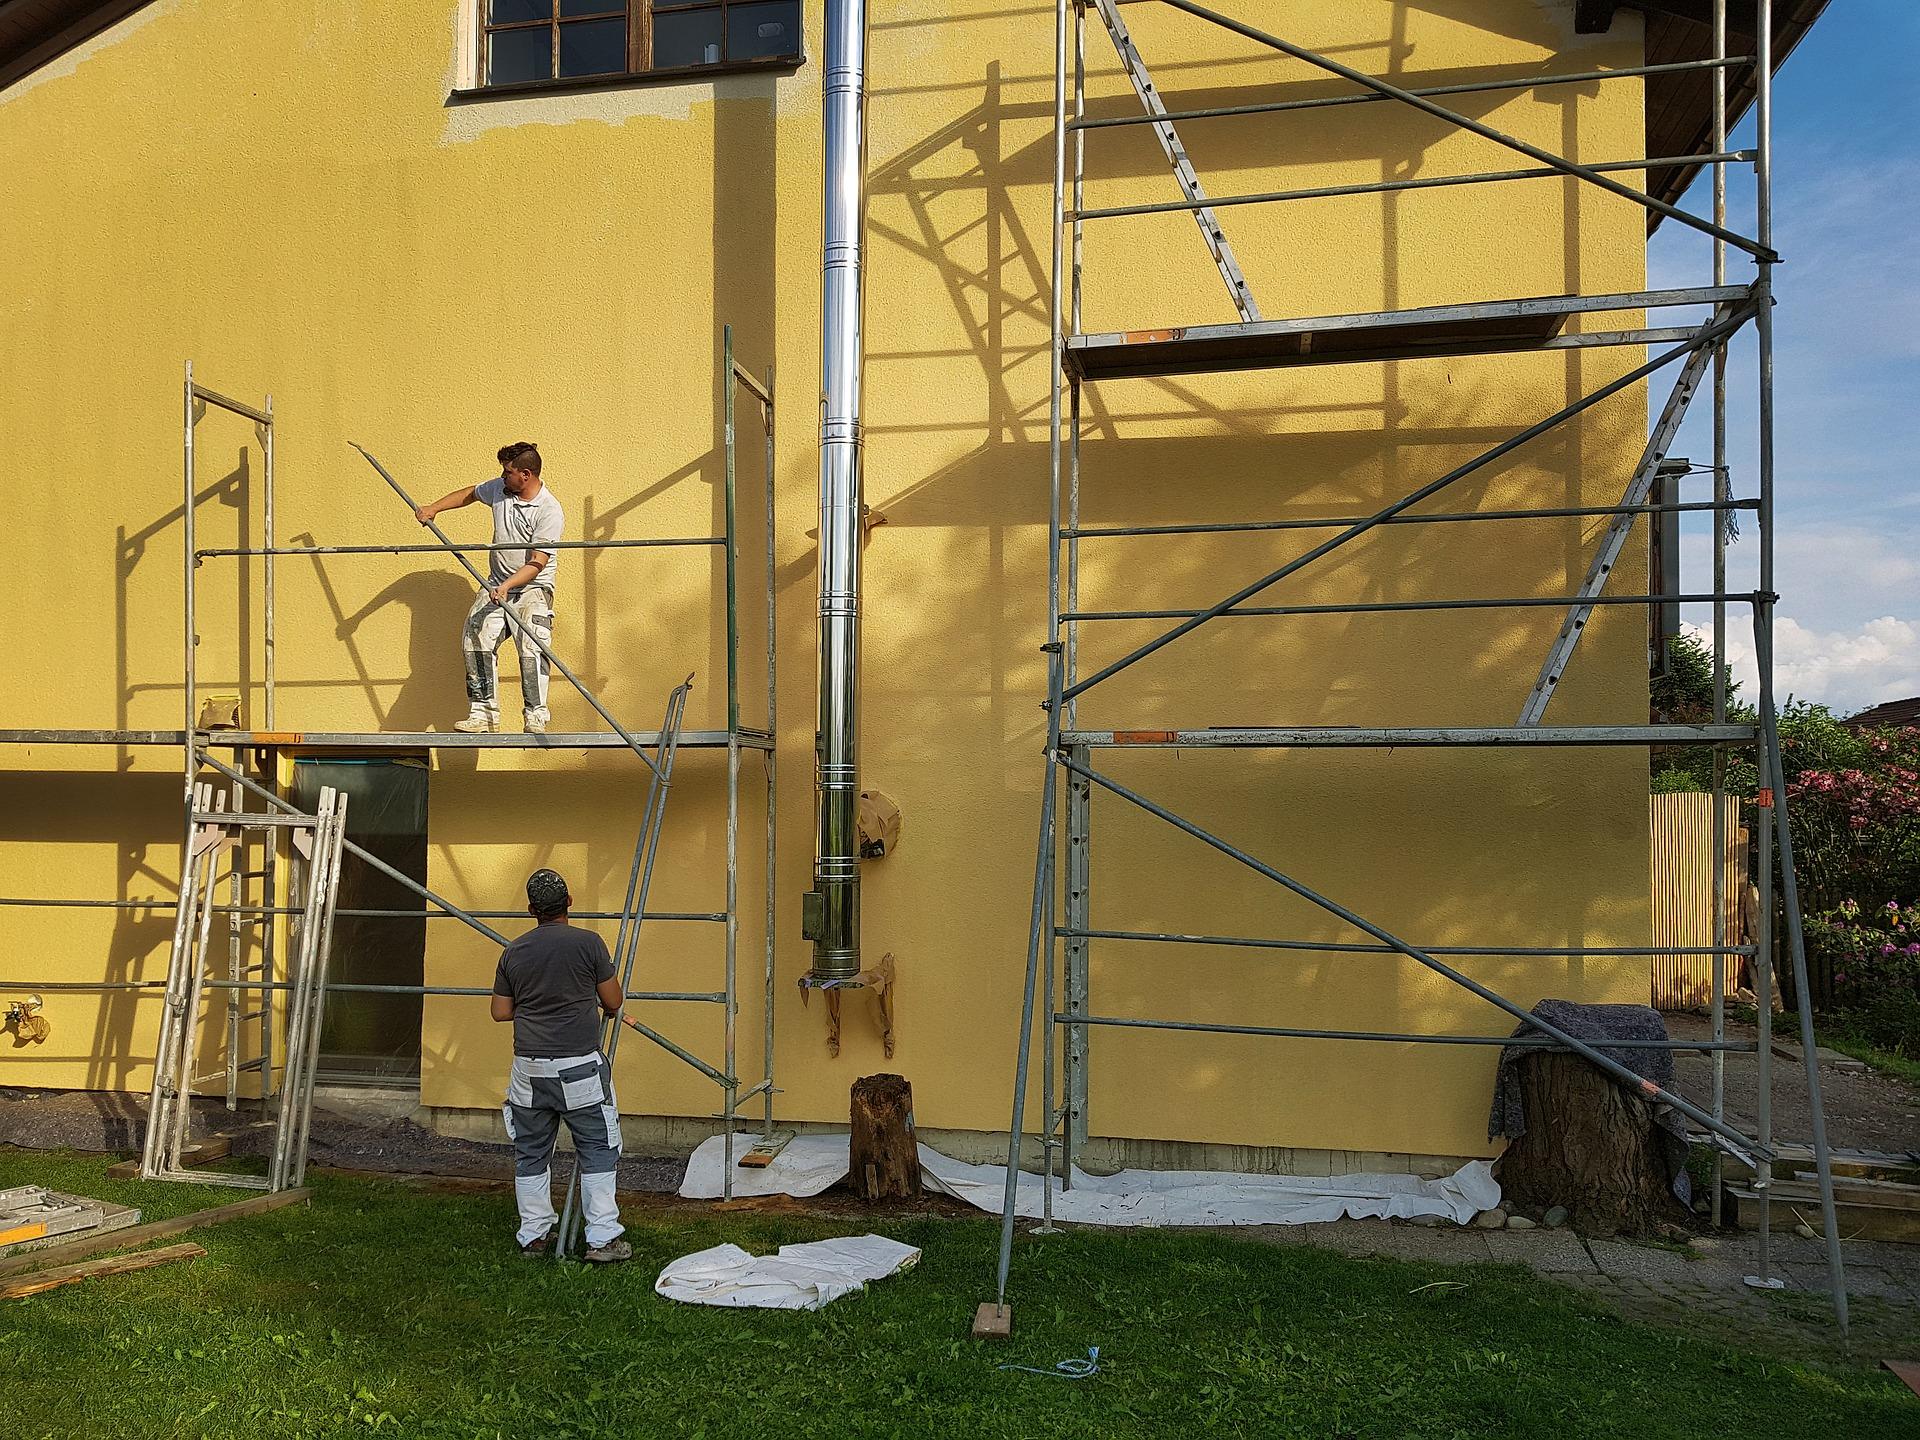 Rénovation de maison : comment s'y prendre ?